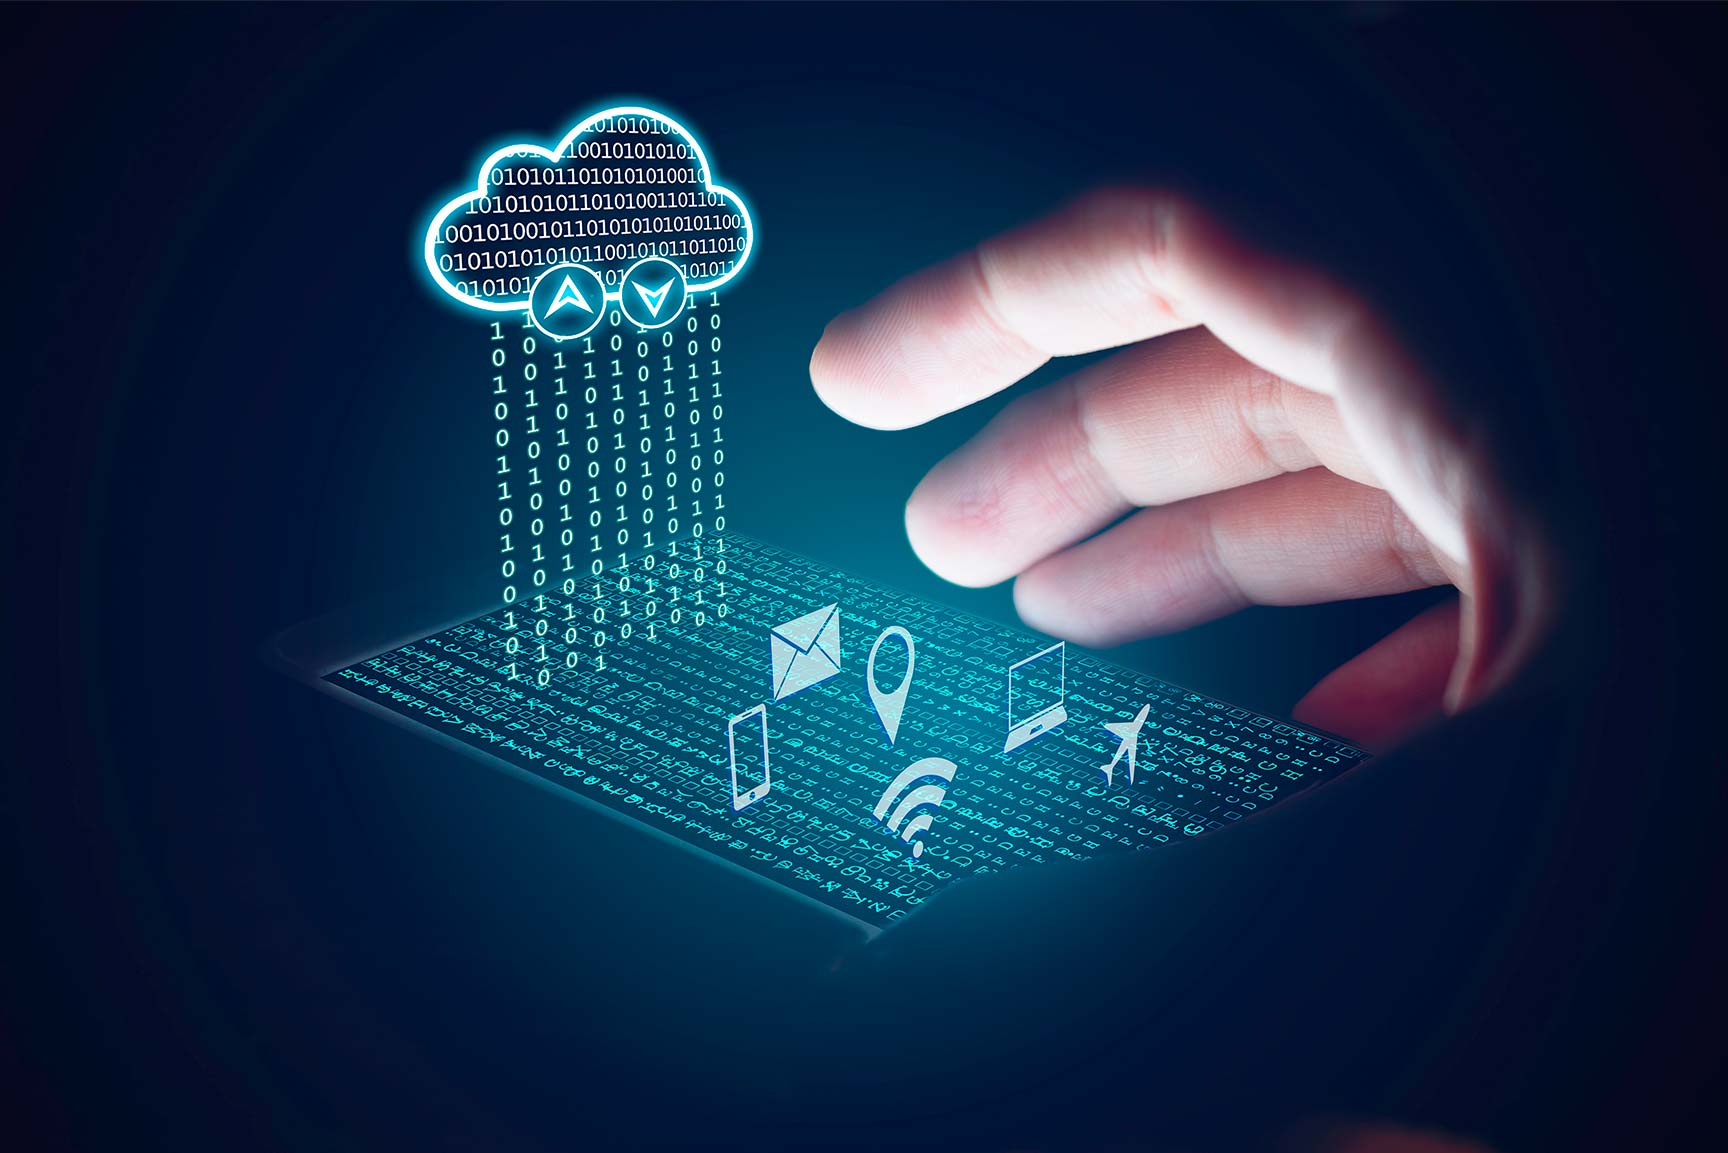 Nube hecha de código binario esparce números sobre un smartphone con aplicaciones